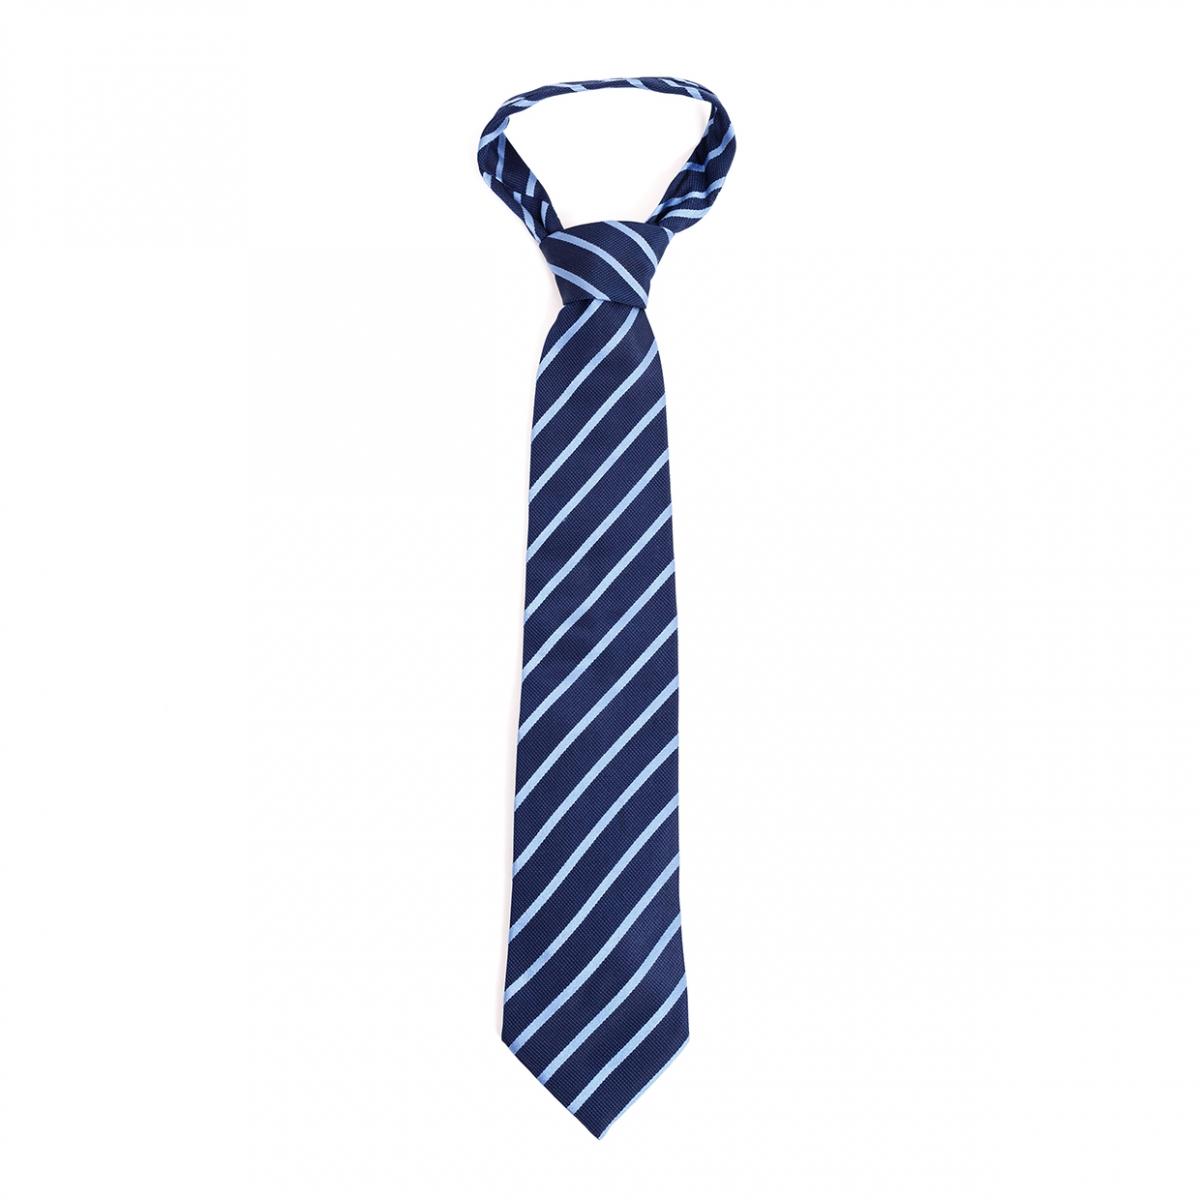 Imagen en la que se ve una corbata